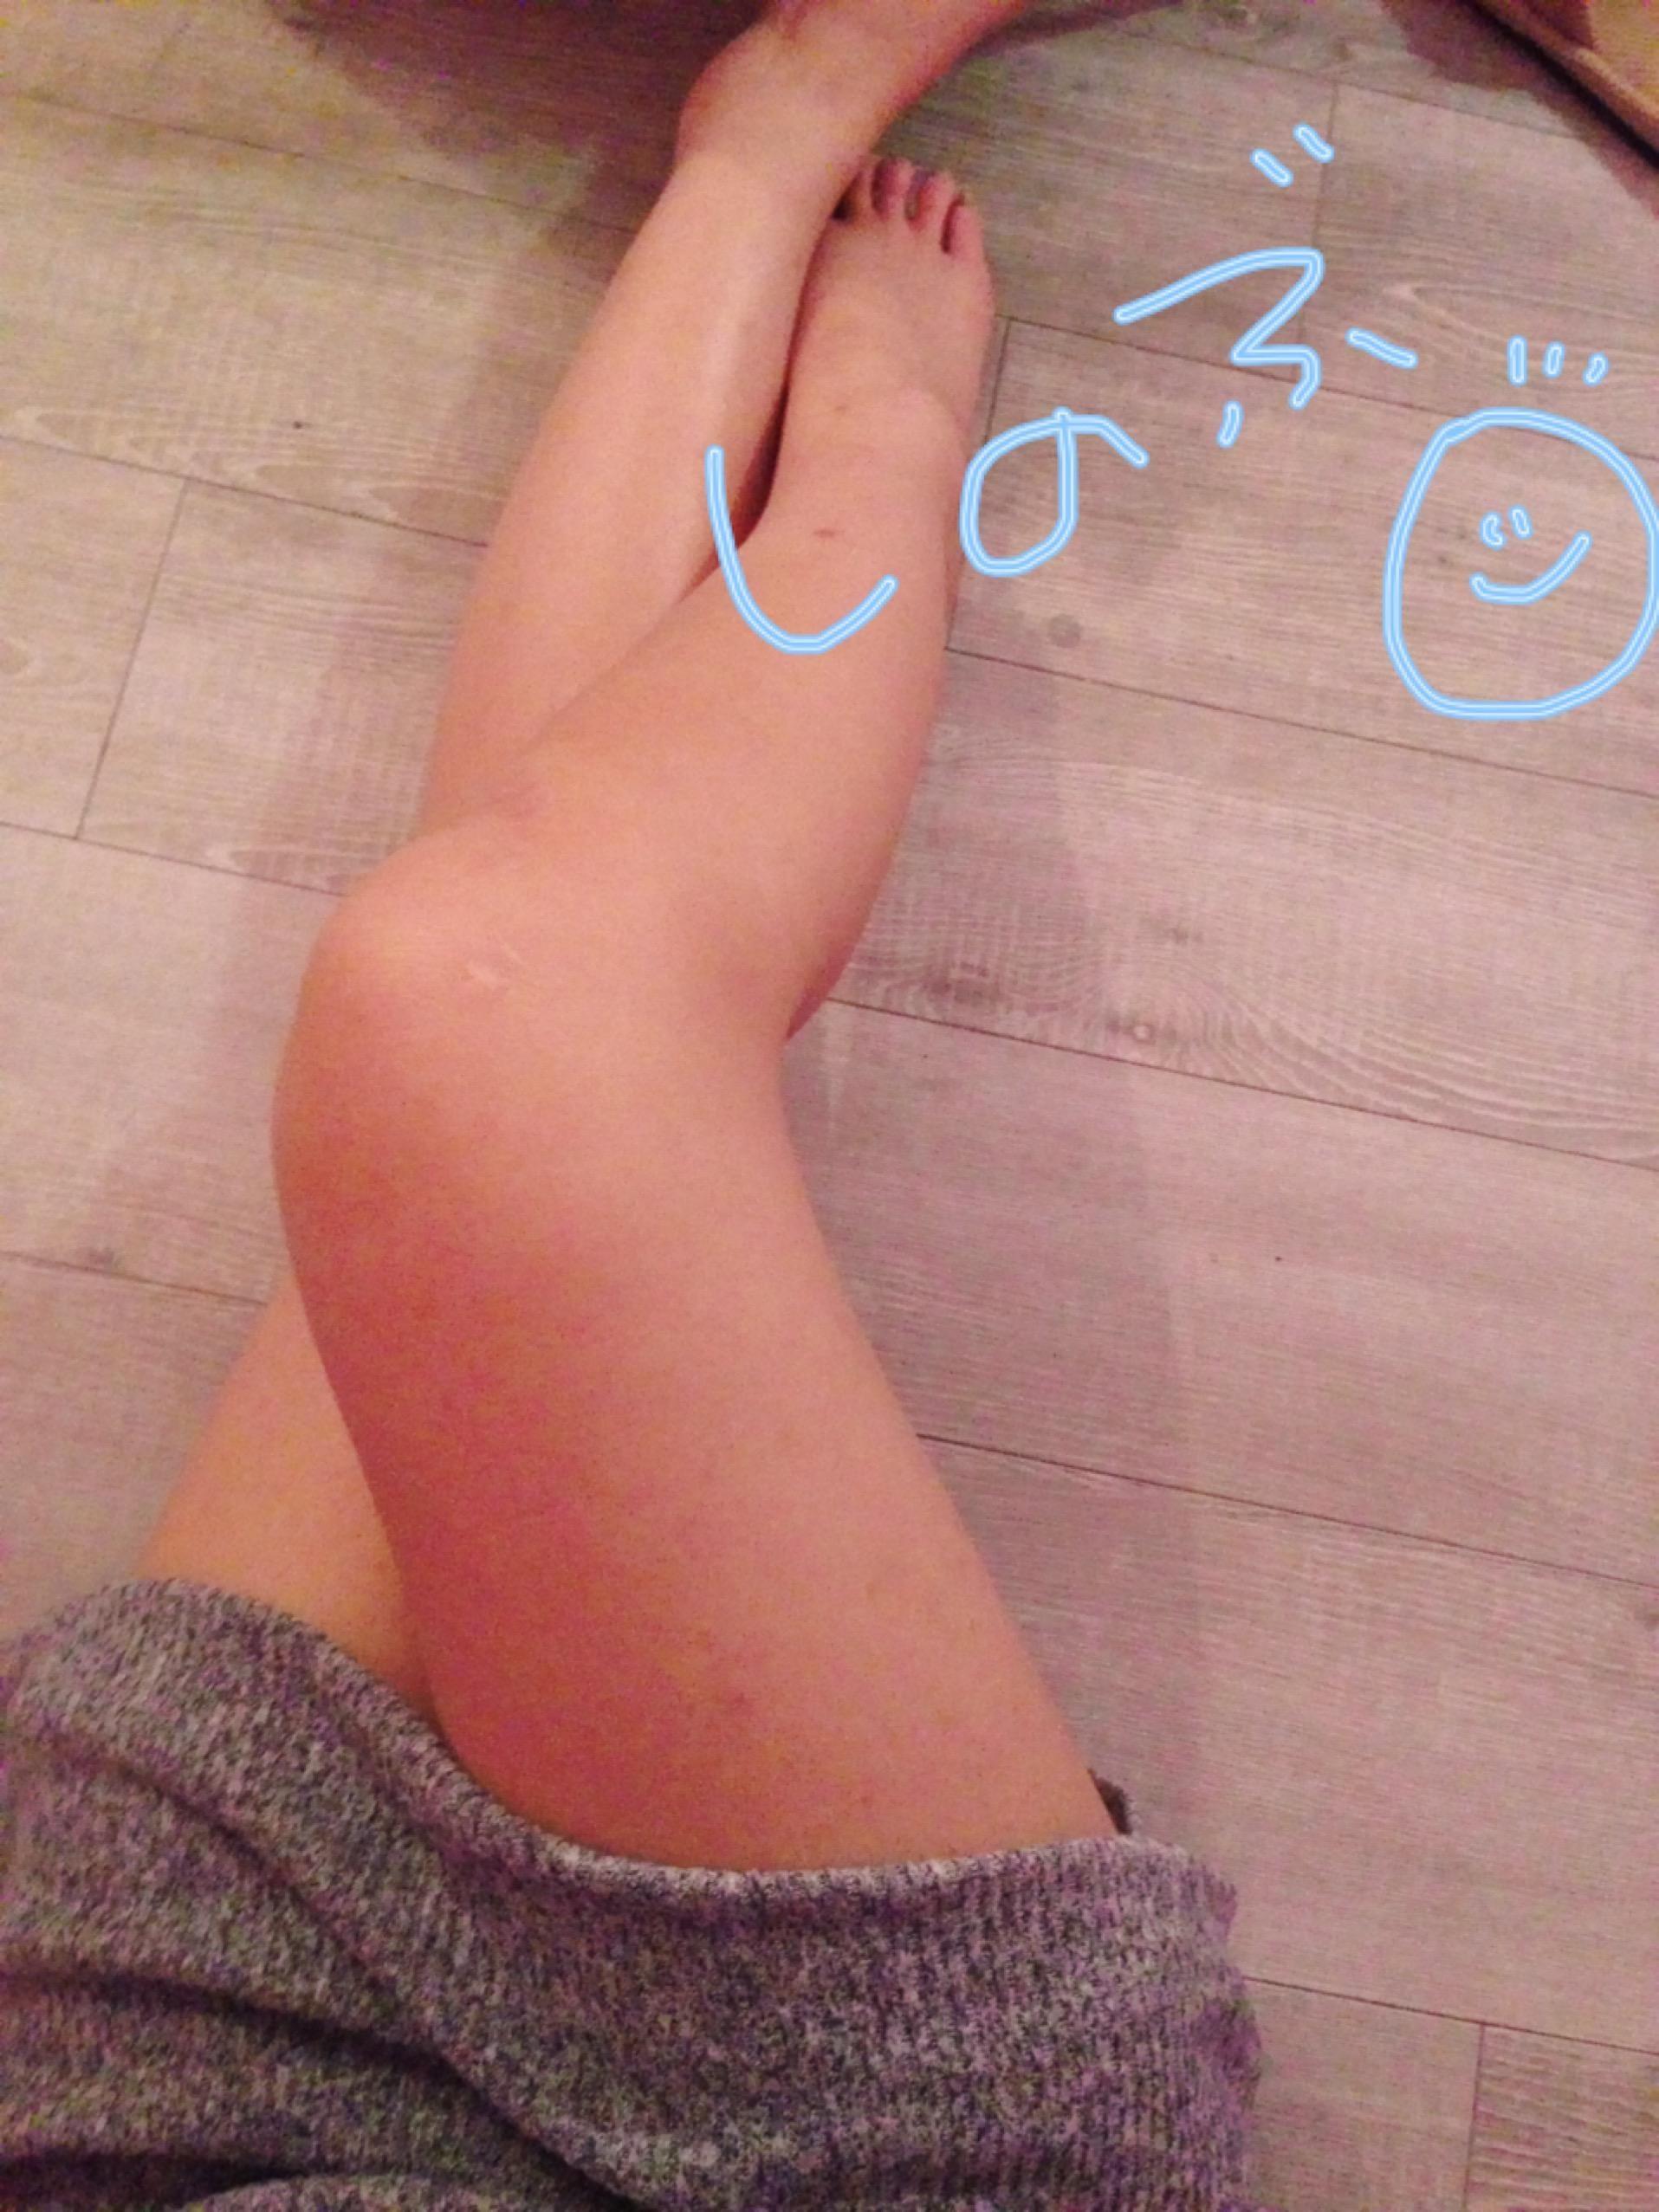 「*.お礼」10/15(10/15) 05:00 | しのぶの写メ・風俗動画